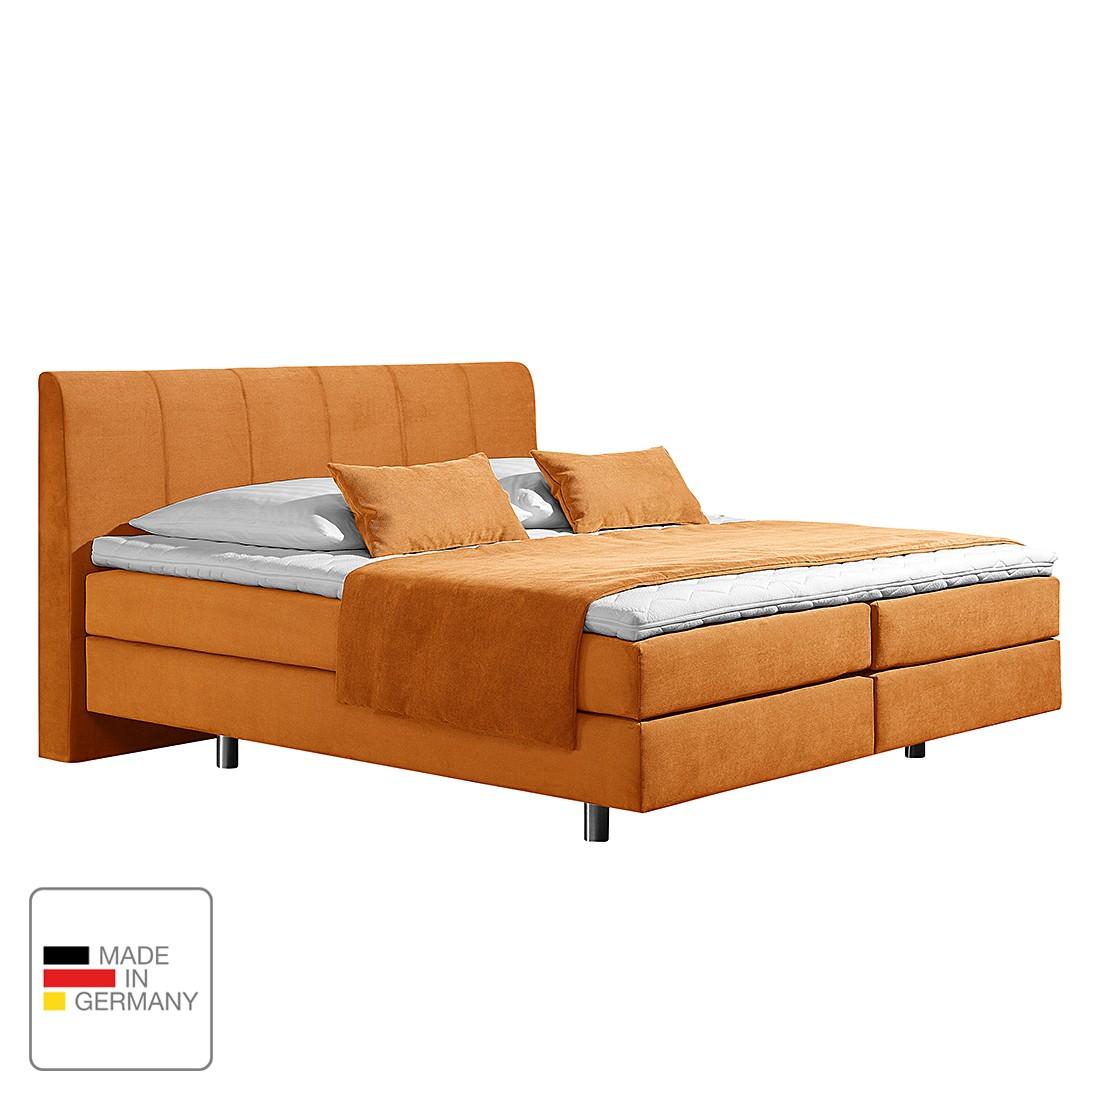 boxspringbett baila webstoff 140 x 200cm h2 bis 80 kg tonnentaschenfederkernmatratze. Black Bedroom Furniture Sets. Home Design Ideas